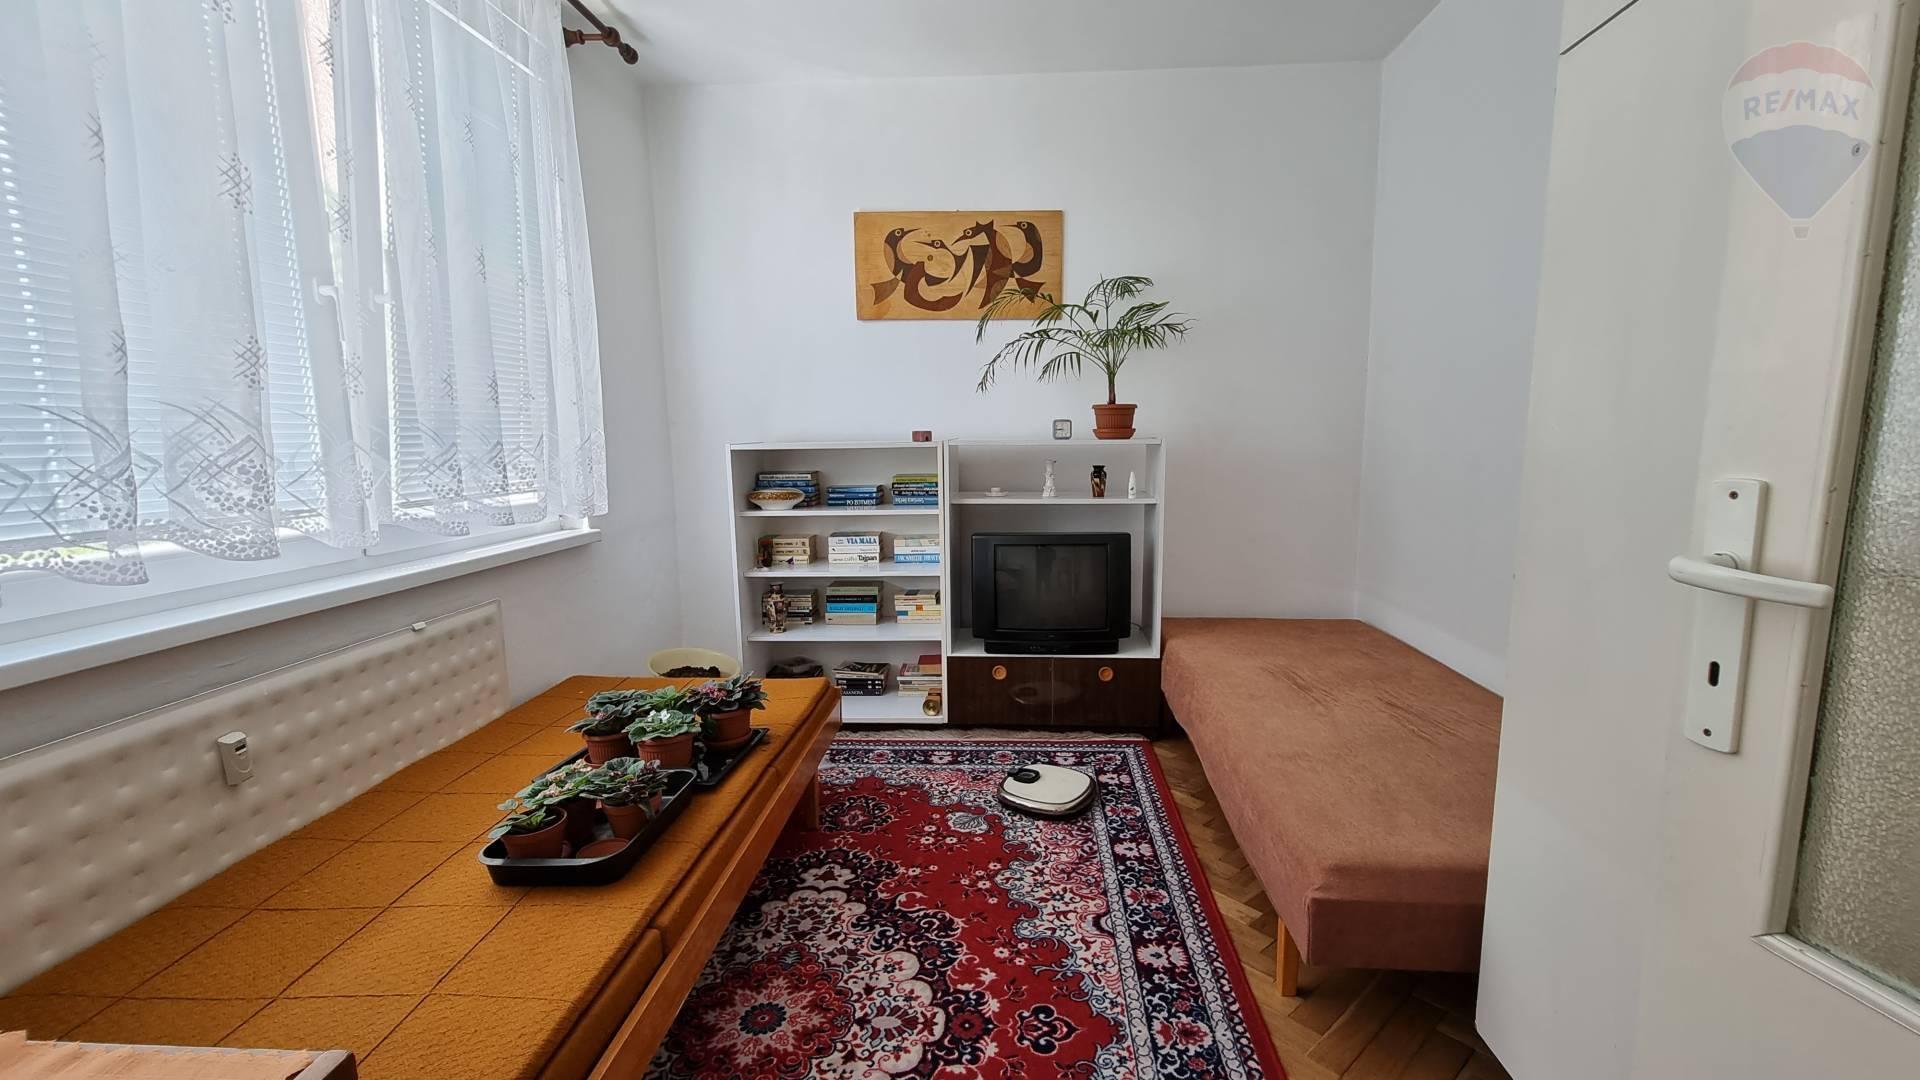 Predaj bytu (4 izbový) 82 m2, Topoľčany -